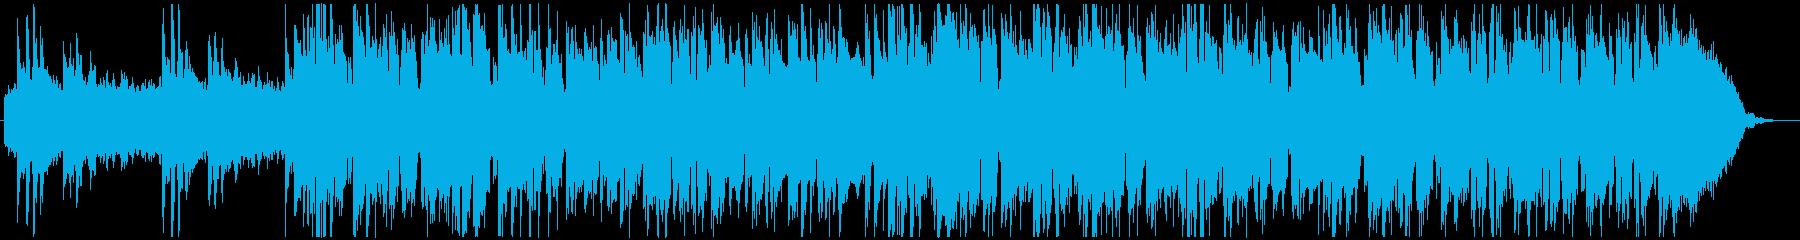 爽やかで広がりのあるピアノ曲の再生済みの波形